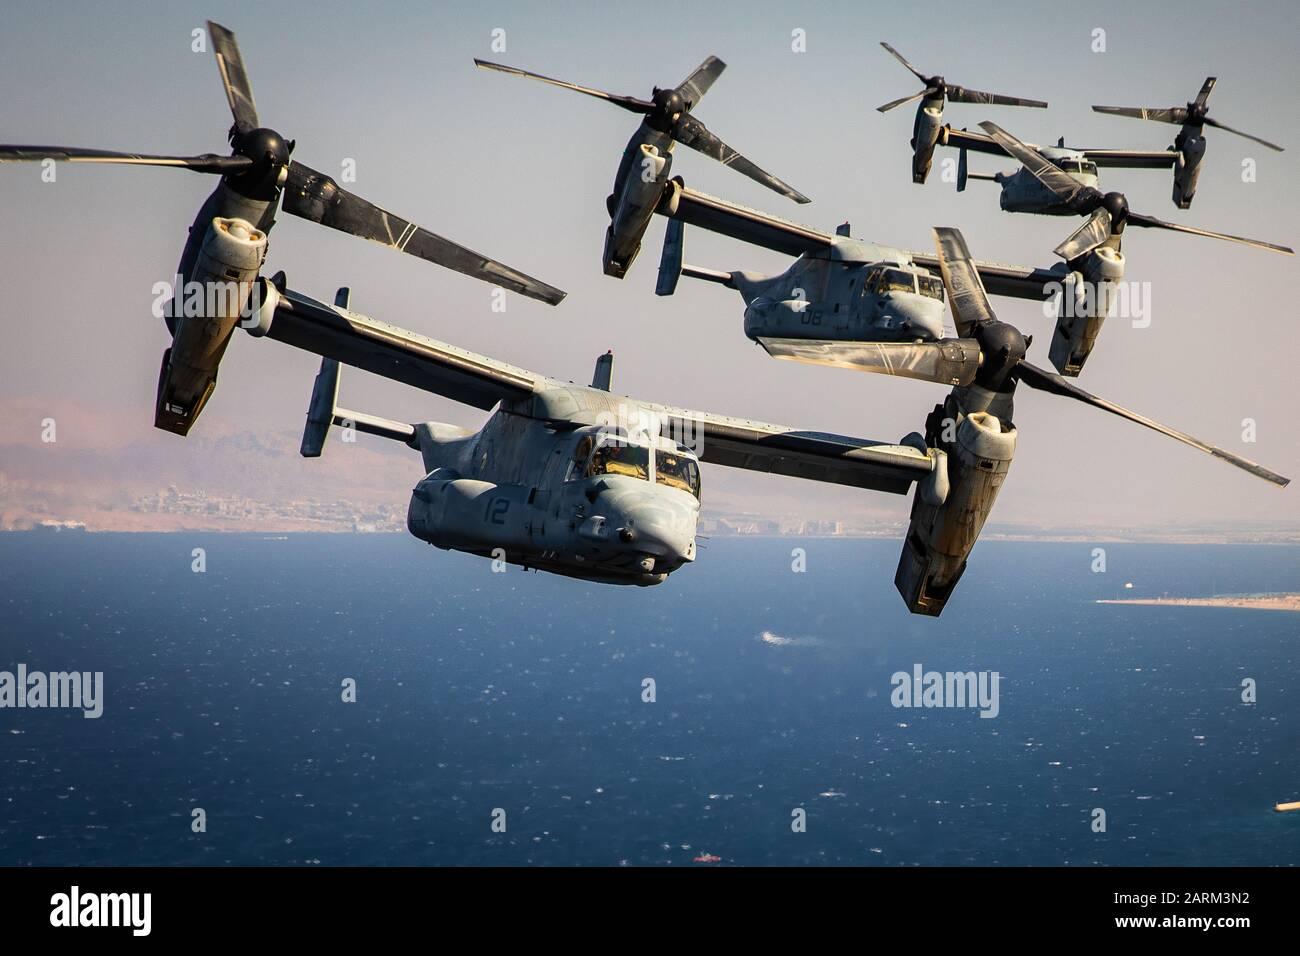 Los Marines de Estados Unidos con el medio marino Tiltrotor Squadron (VMM) 364, conectado a propósito especial Marine Air-Ground Task Force-Crisis Response-Central Comando, volar varias MV-22 águilas pescadoras durante un raid aéreo simulado como parte del Oriente Medio anfibio Simposio comandantes, 24 de septiembre de 2019. La SPMAGTF-CR-CC es un proveedor de fuerza múltiple diseñado para emplear el suelo, logística y capacidad de aire en toda la zona de responsabilidad del Comando Central. (Ee.Uu. Foto del Cuerpo de Infantería de Marina por el sargento. Branden Bourque) Foto de stock